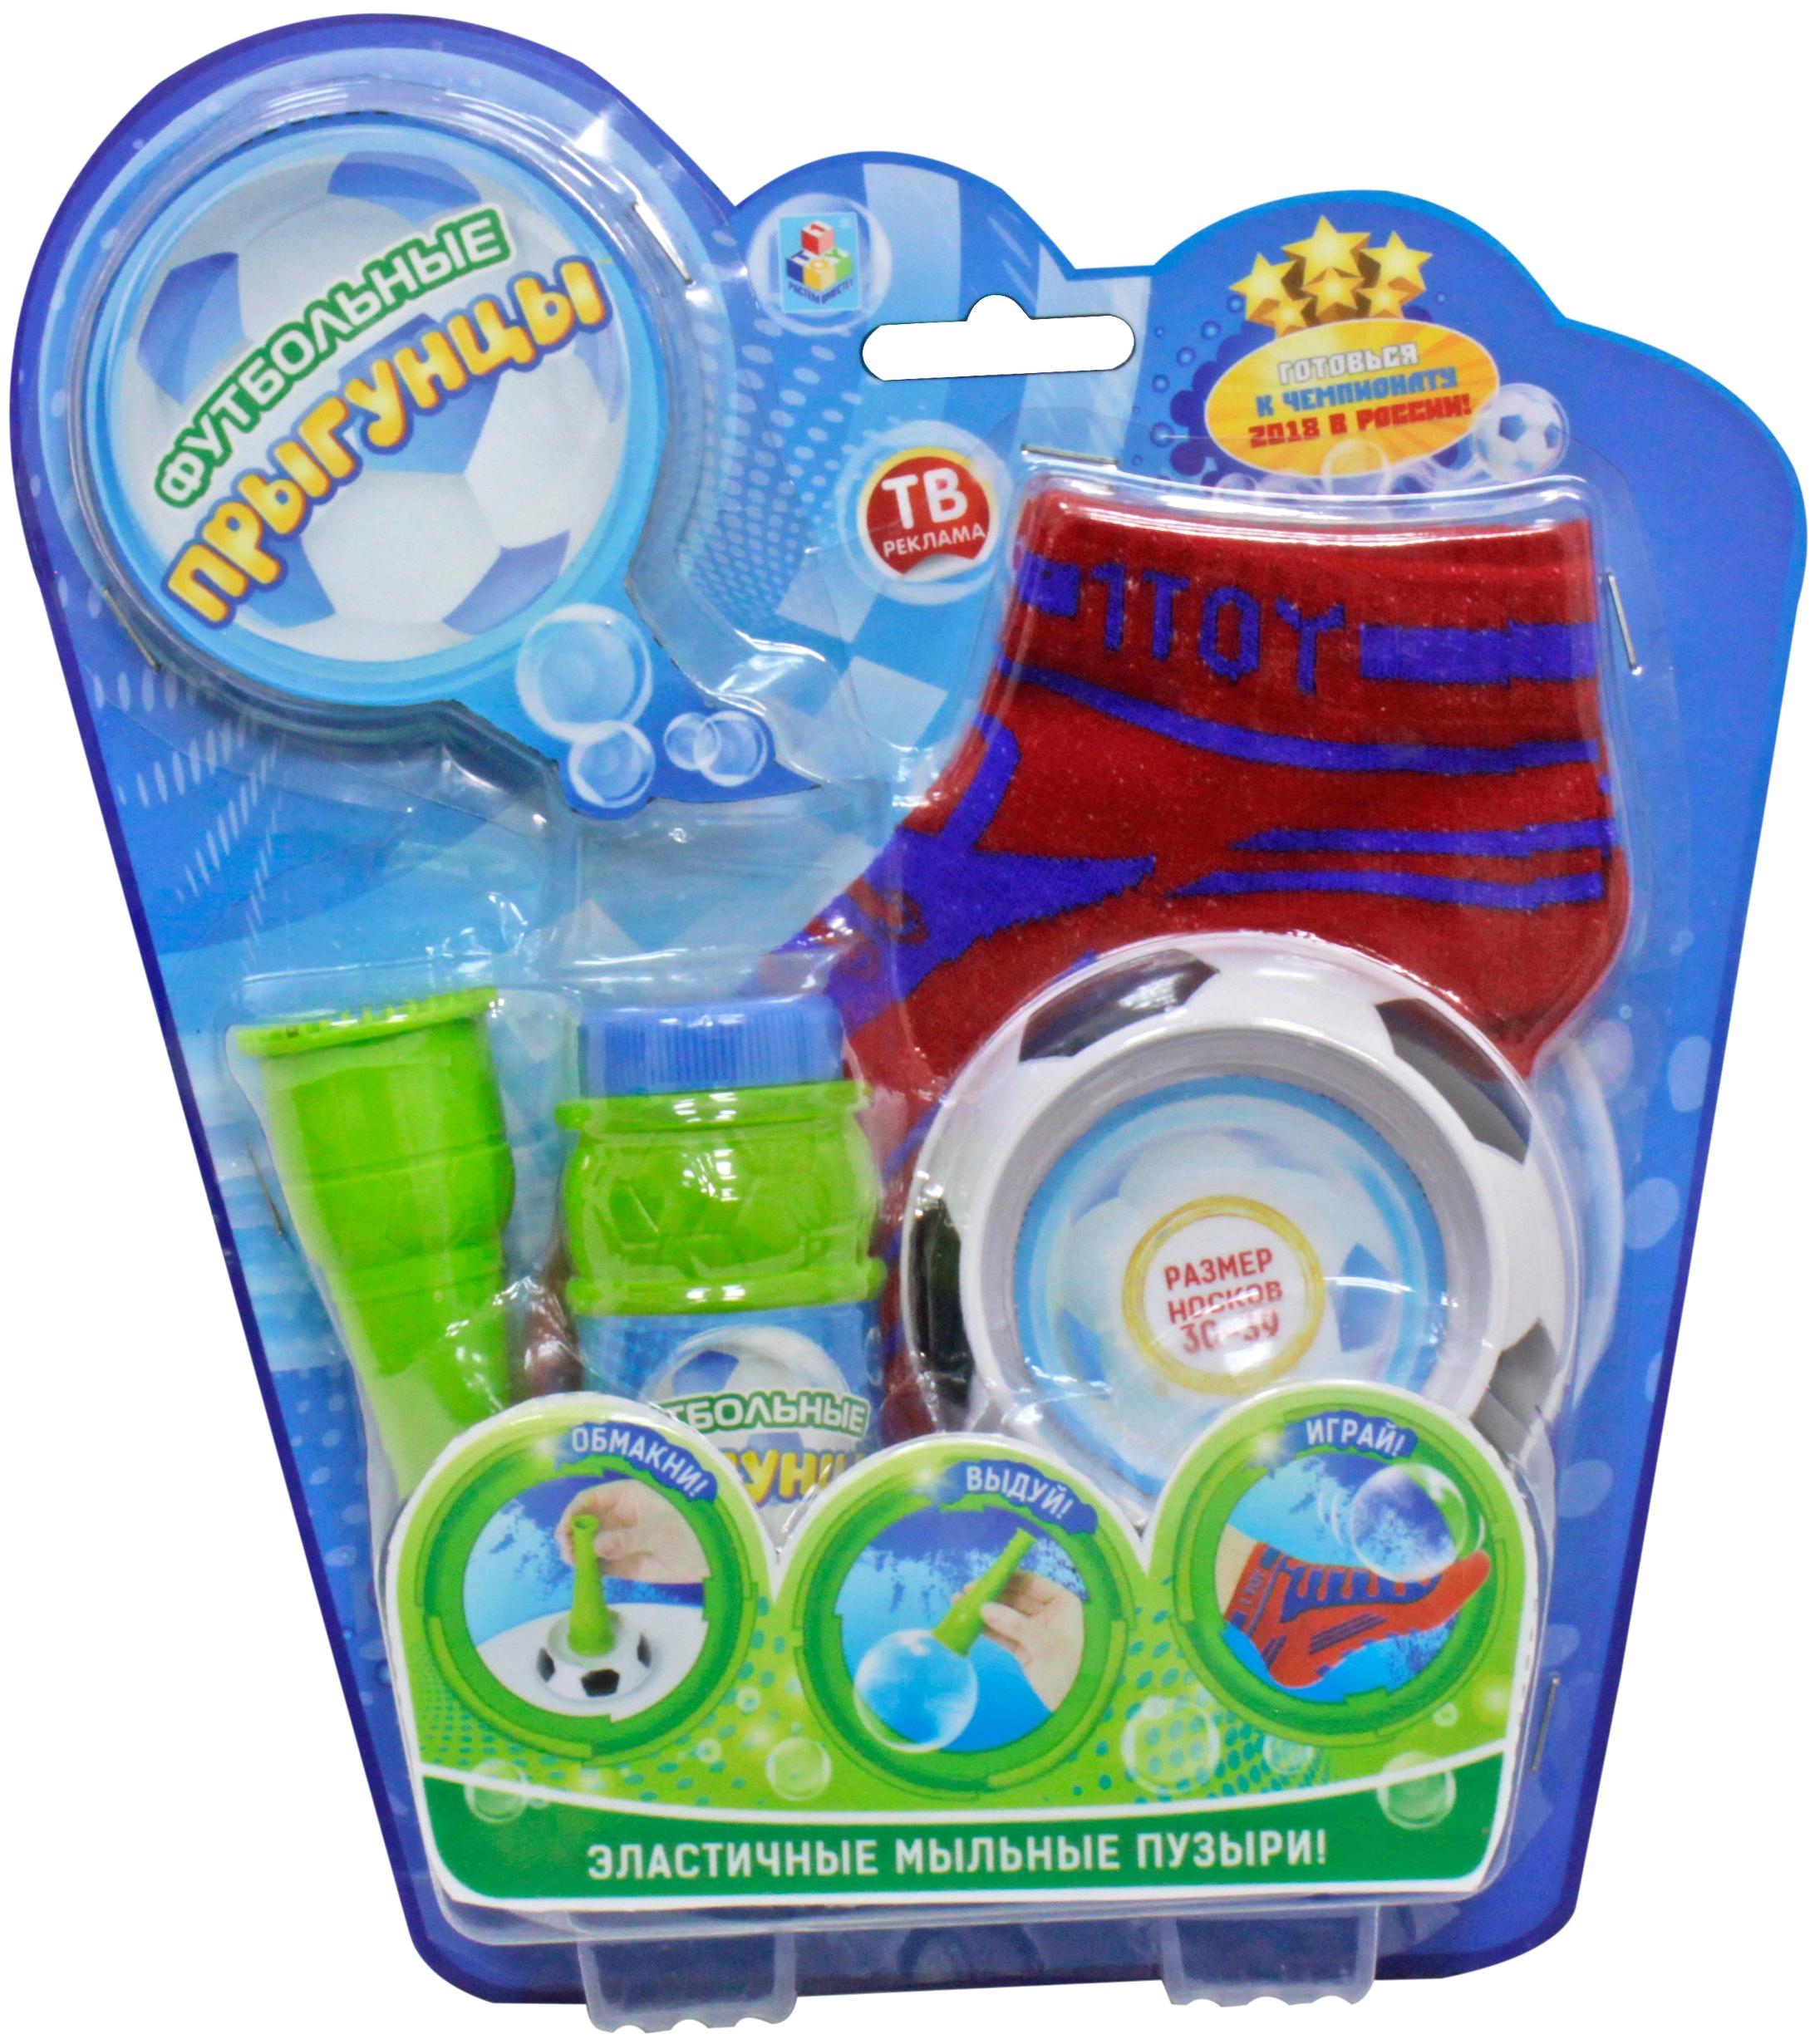 Мыльные пузыри 1toy Футбольные Прыгунцы размер 30-39 1toy мыльные пузыри футбольные прыгунцы 80 мл т59276